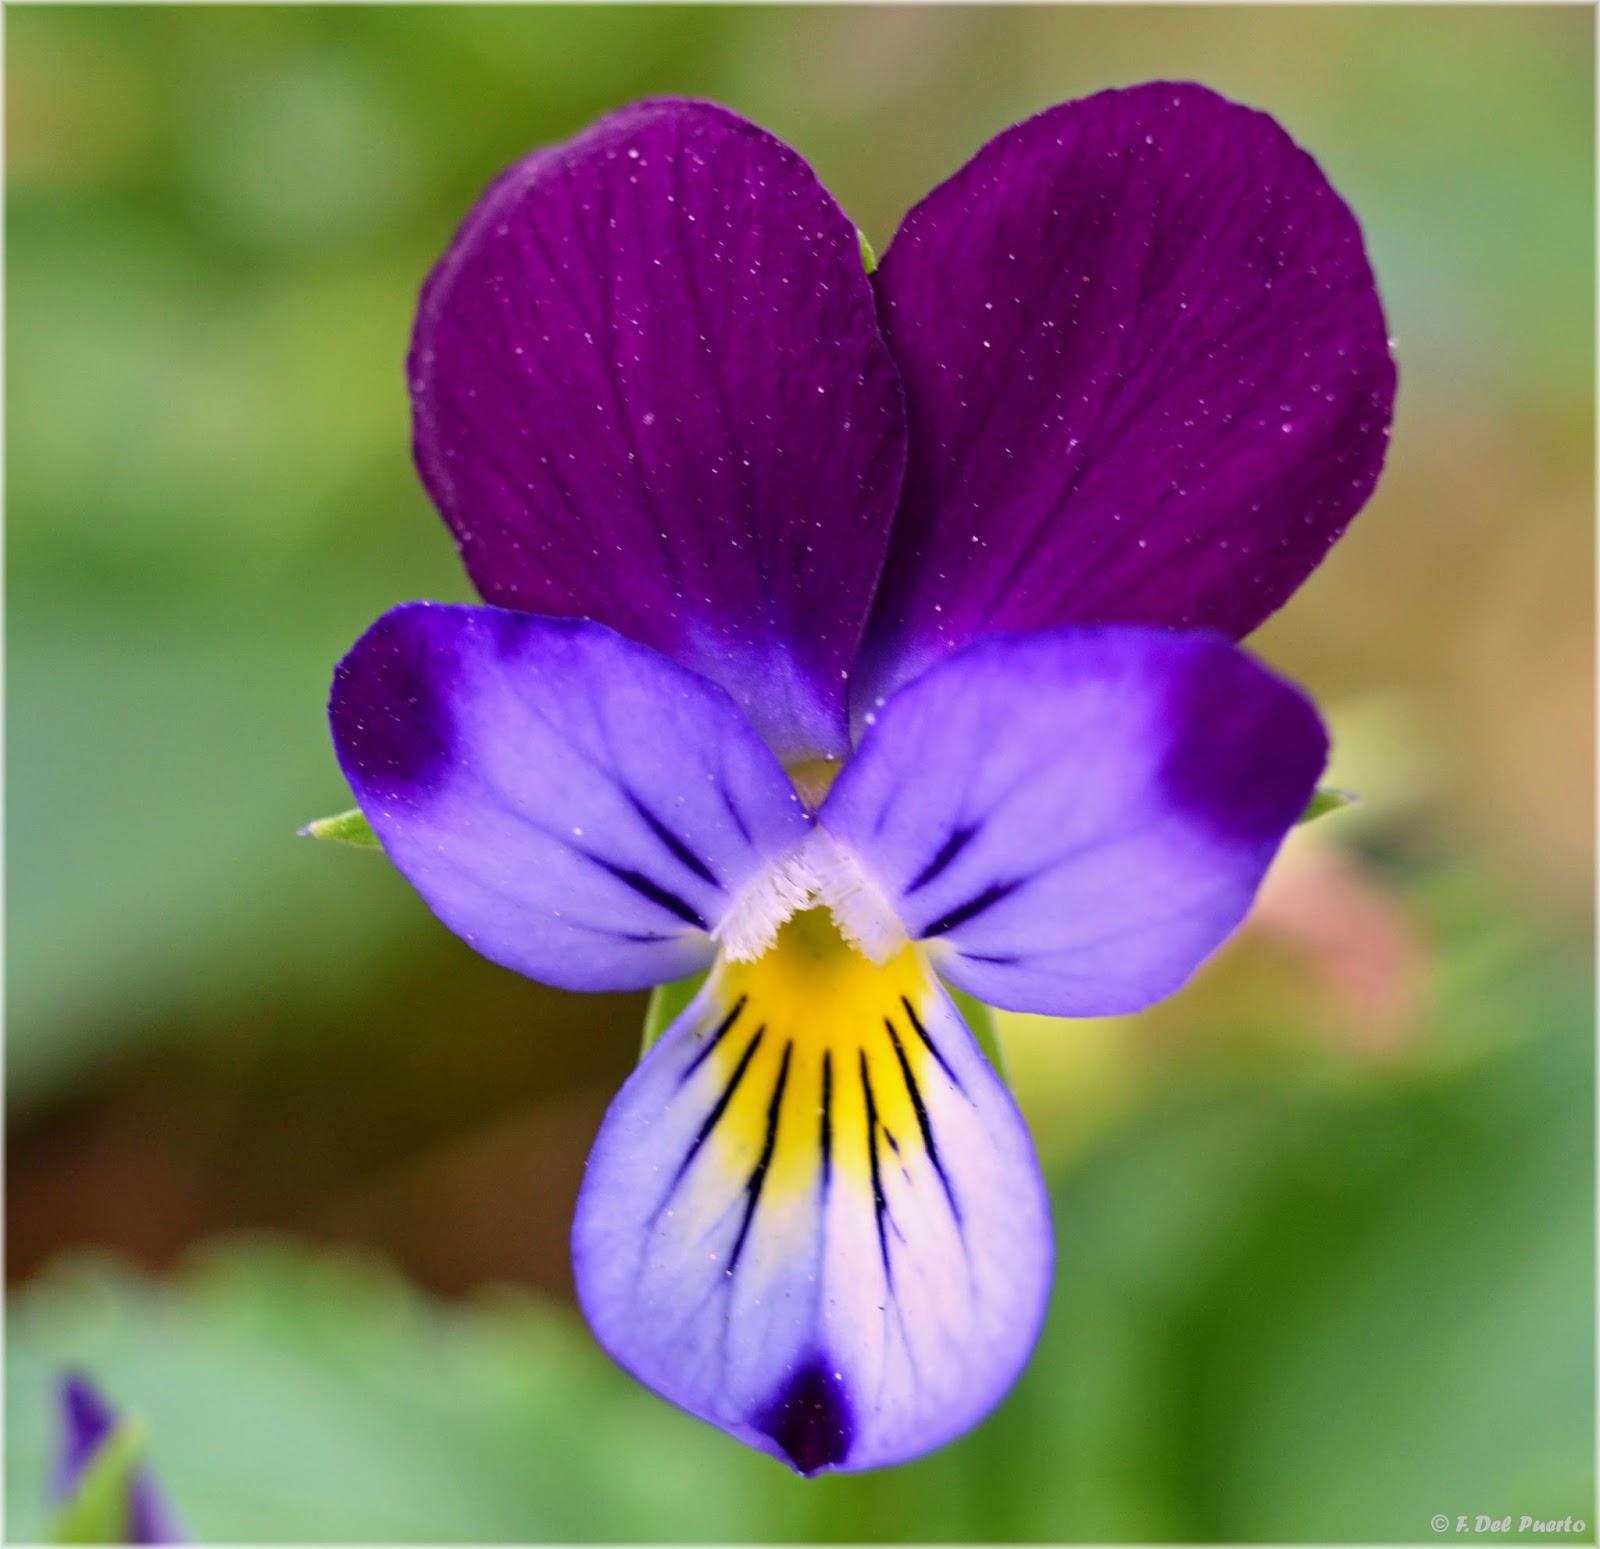 Imagenes De Flores De Pensamiento - El pensamiento: Una planta de otoño El rincón de Sonia